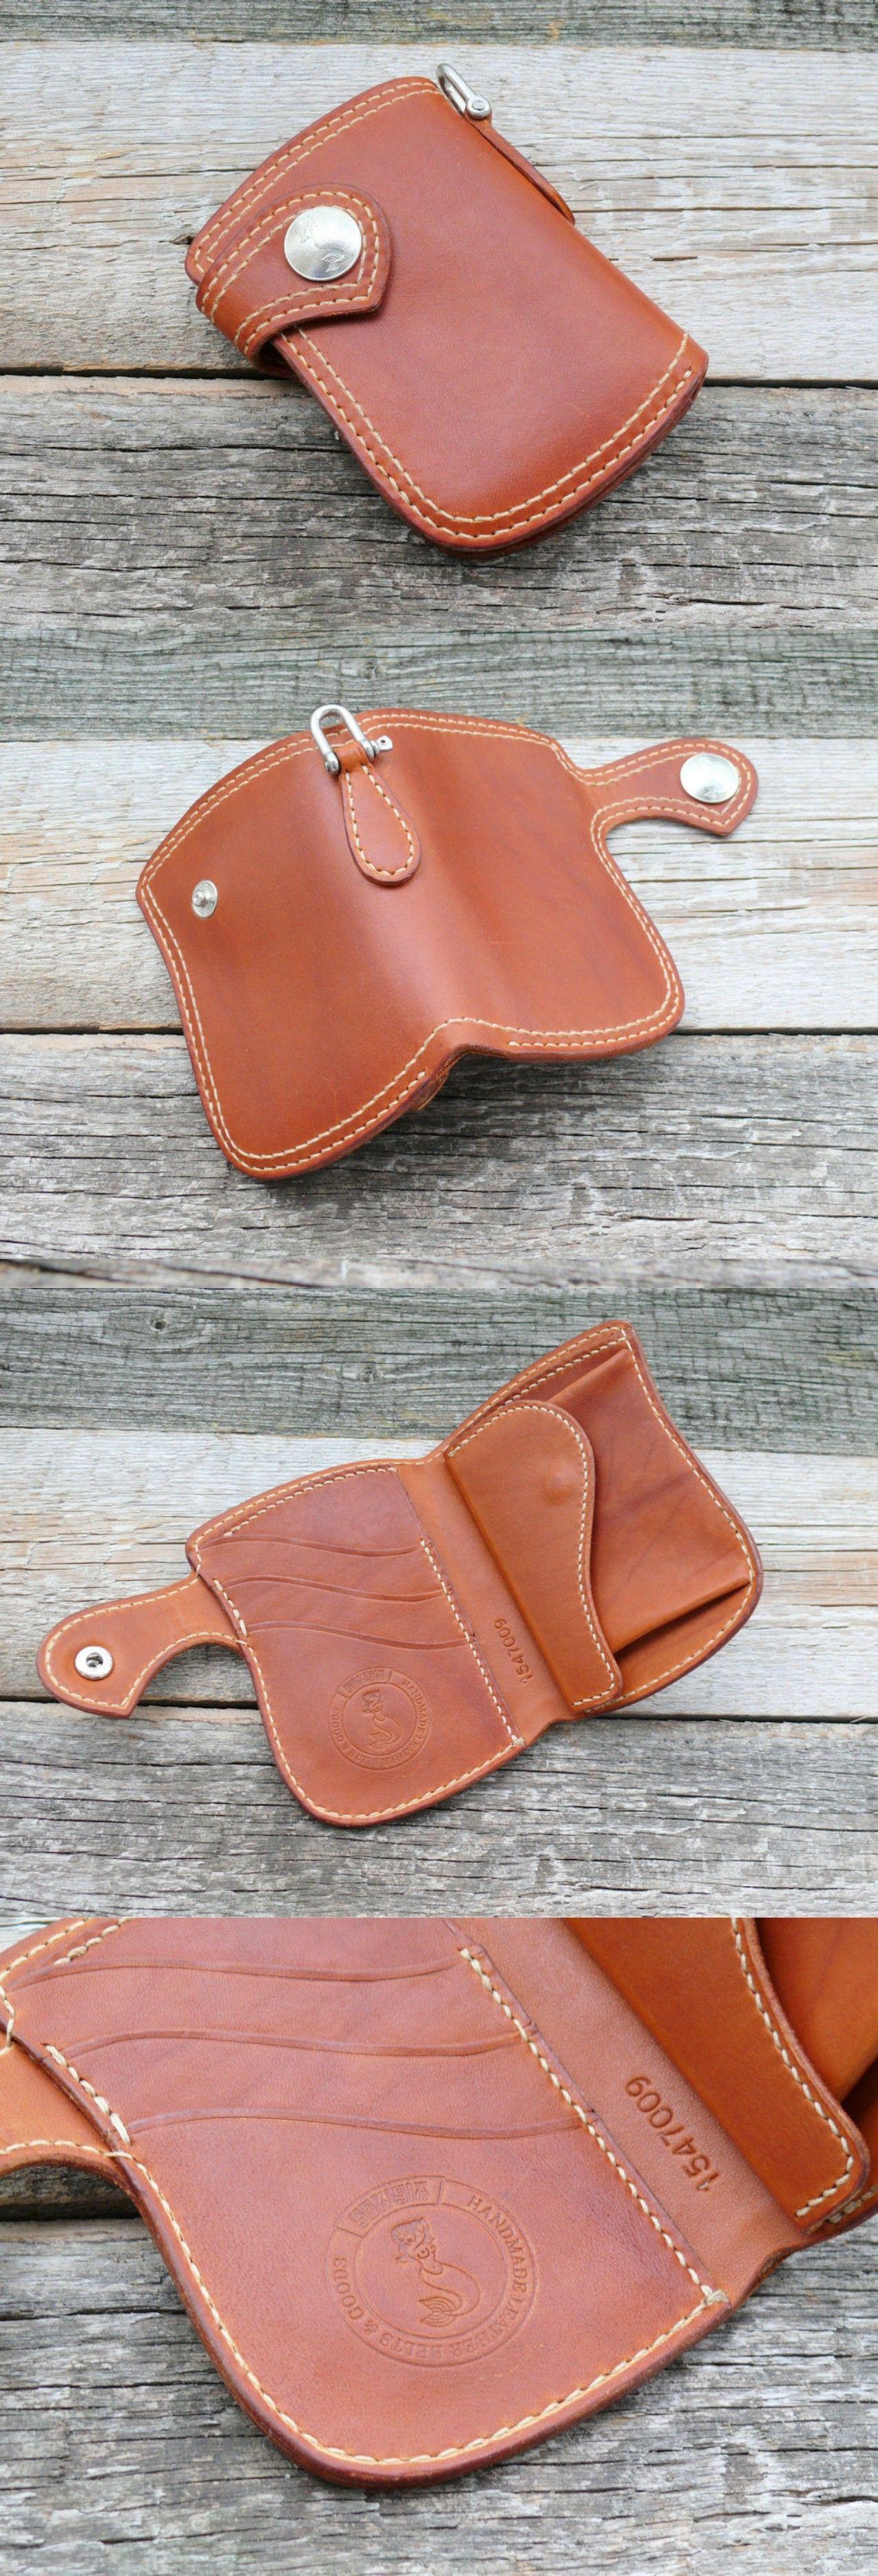 Krysl Goods HANDMADE WALLET VZ.63 BIFOLD VEGETABLE TAN MEDIUM #leatherwallets